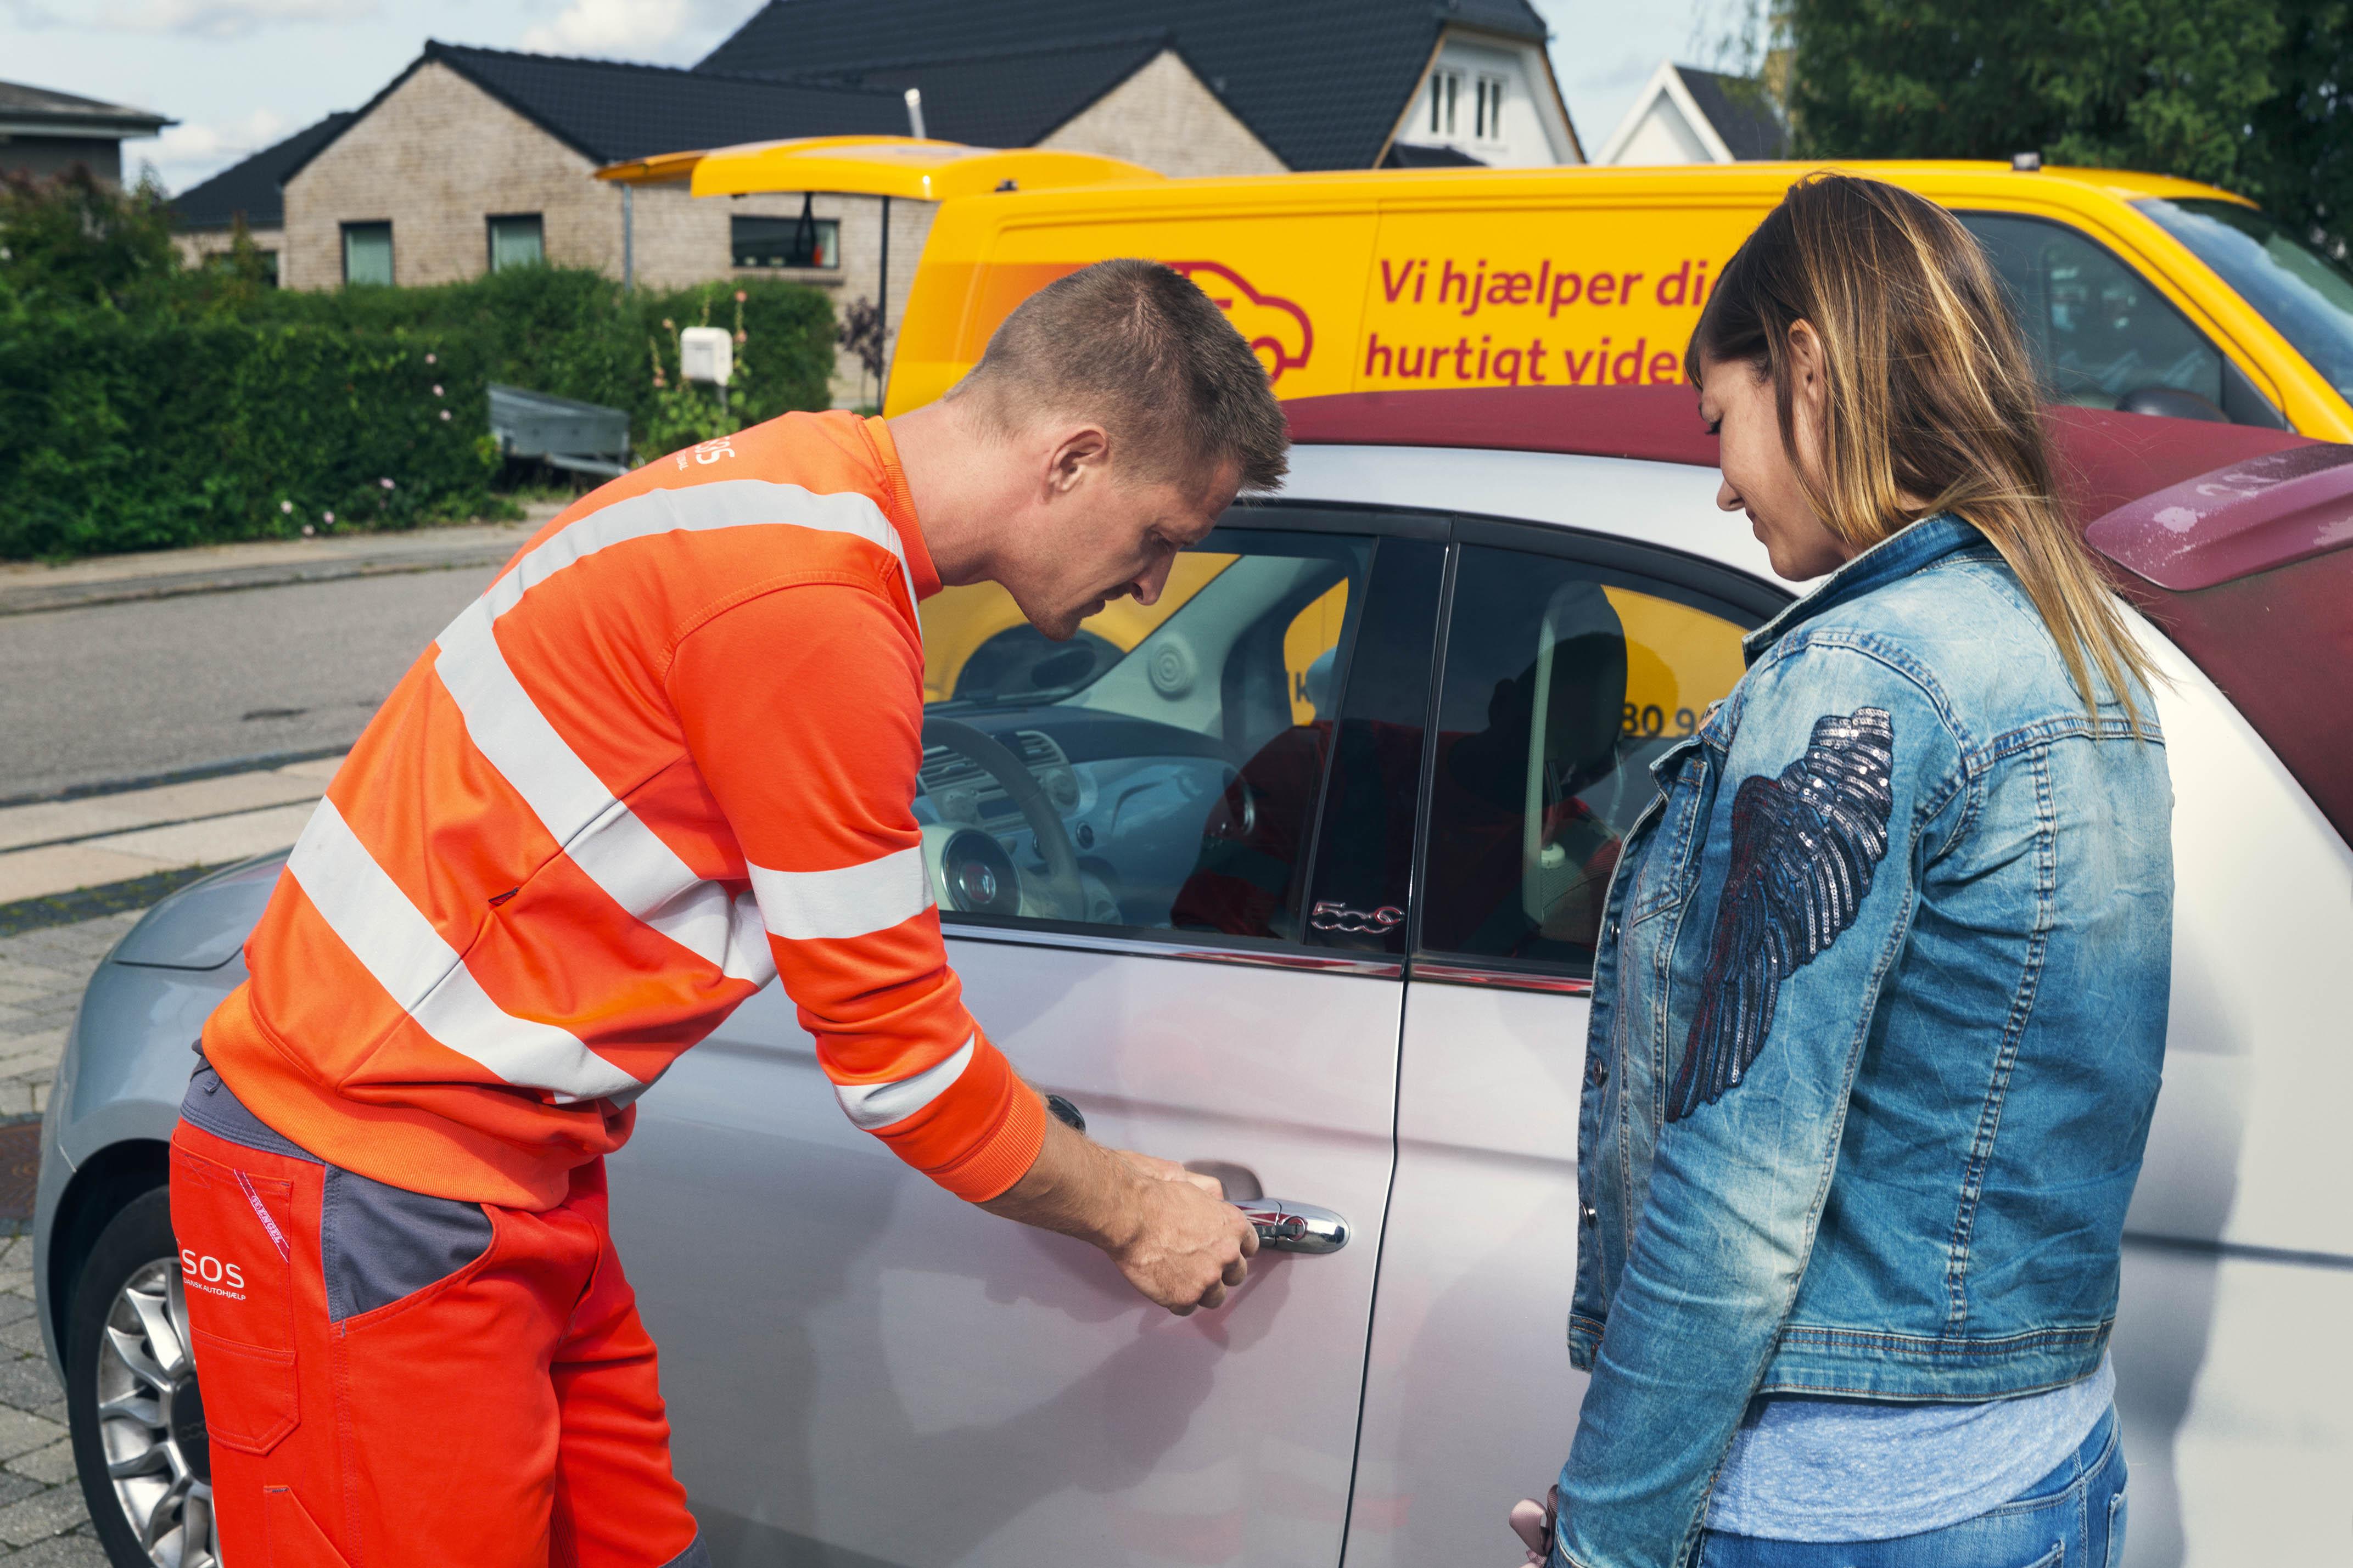 Tjek-ind hos FDM - Få din leasingbil tjekket inden tilbageleveringen